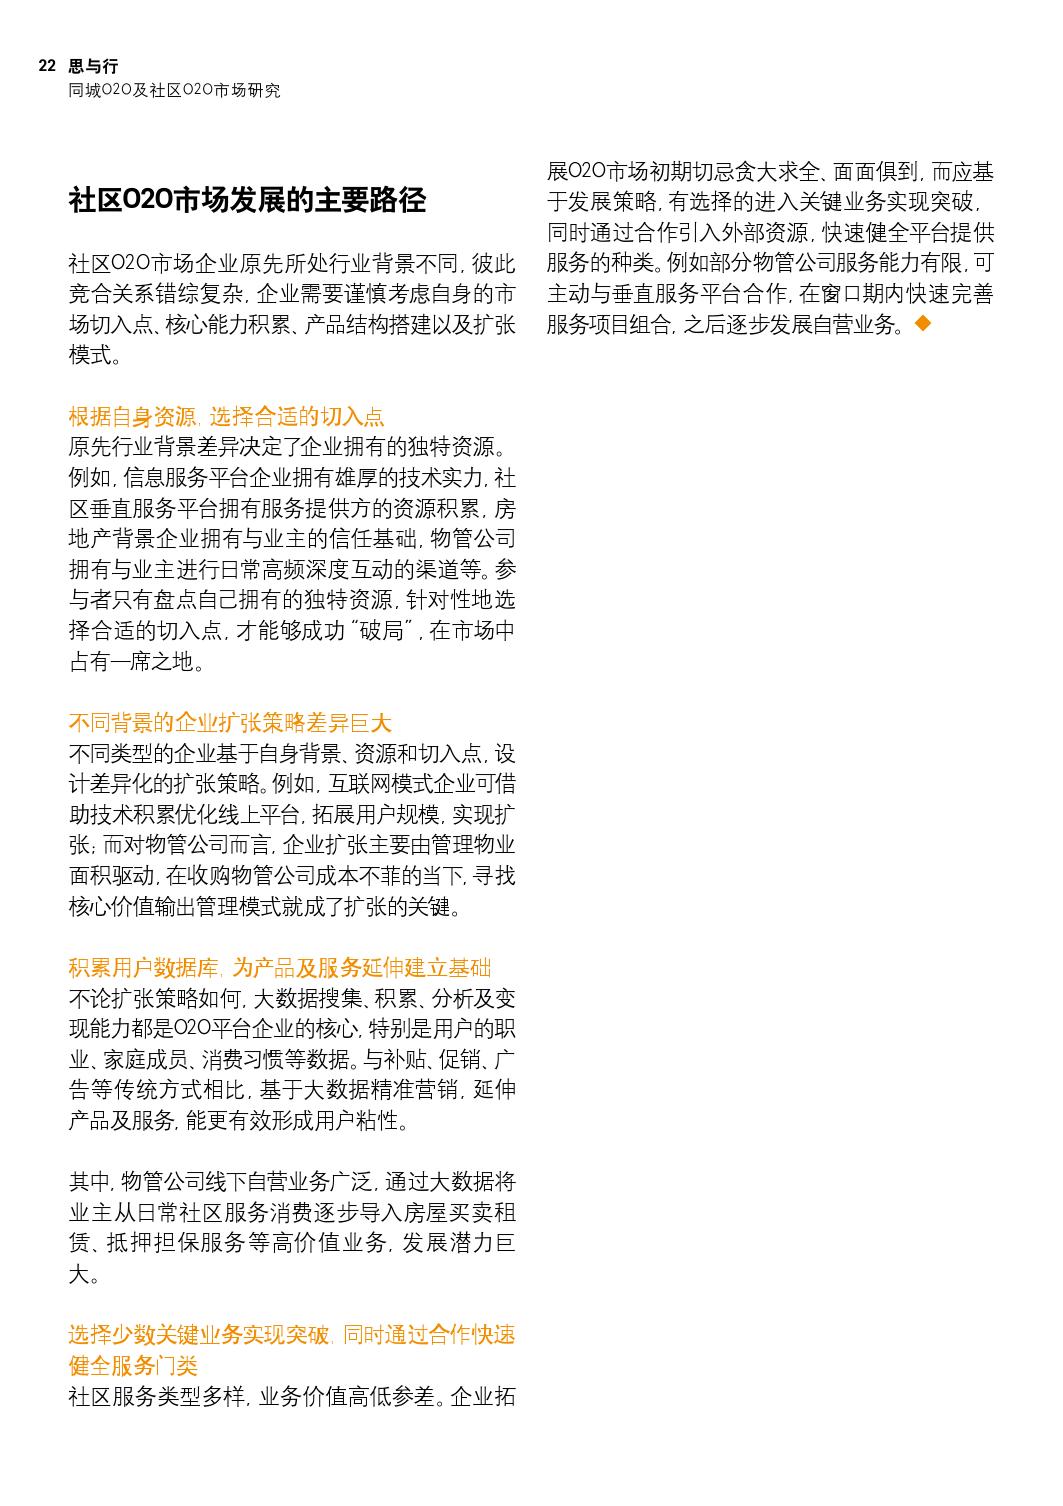 同城O2O及社区O2O市场研究_000022